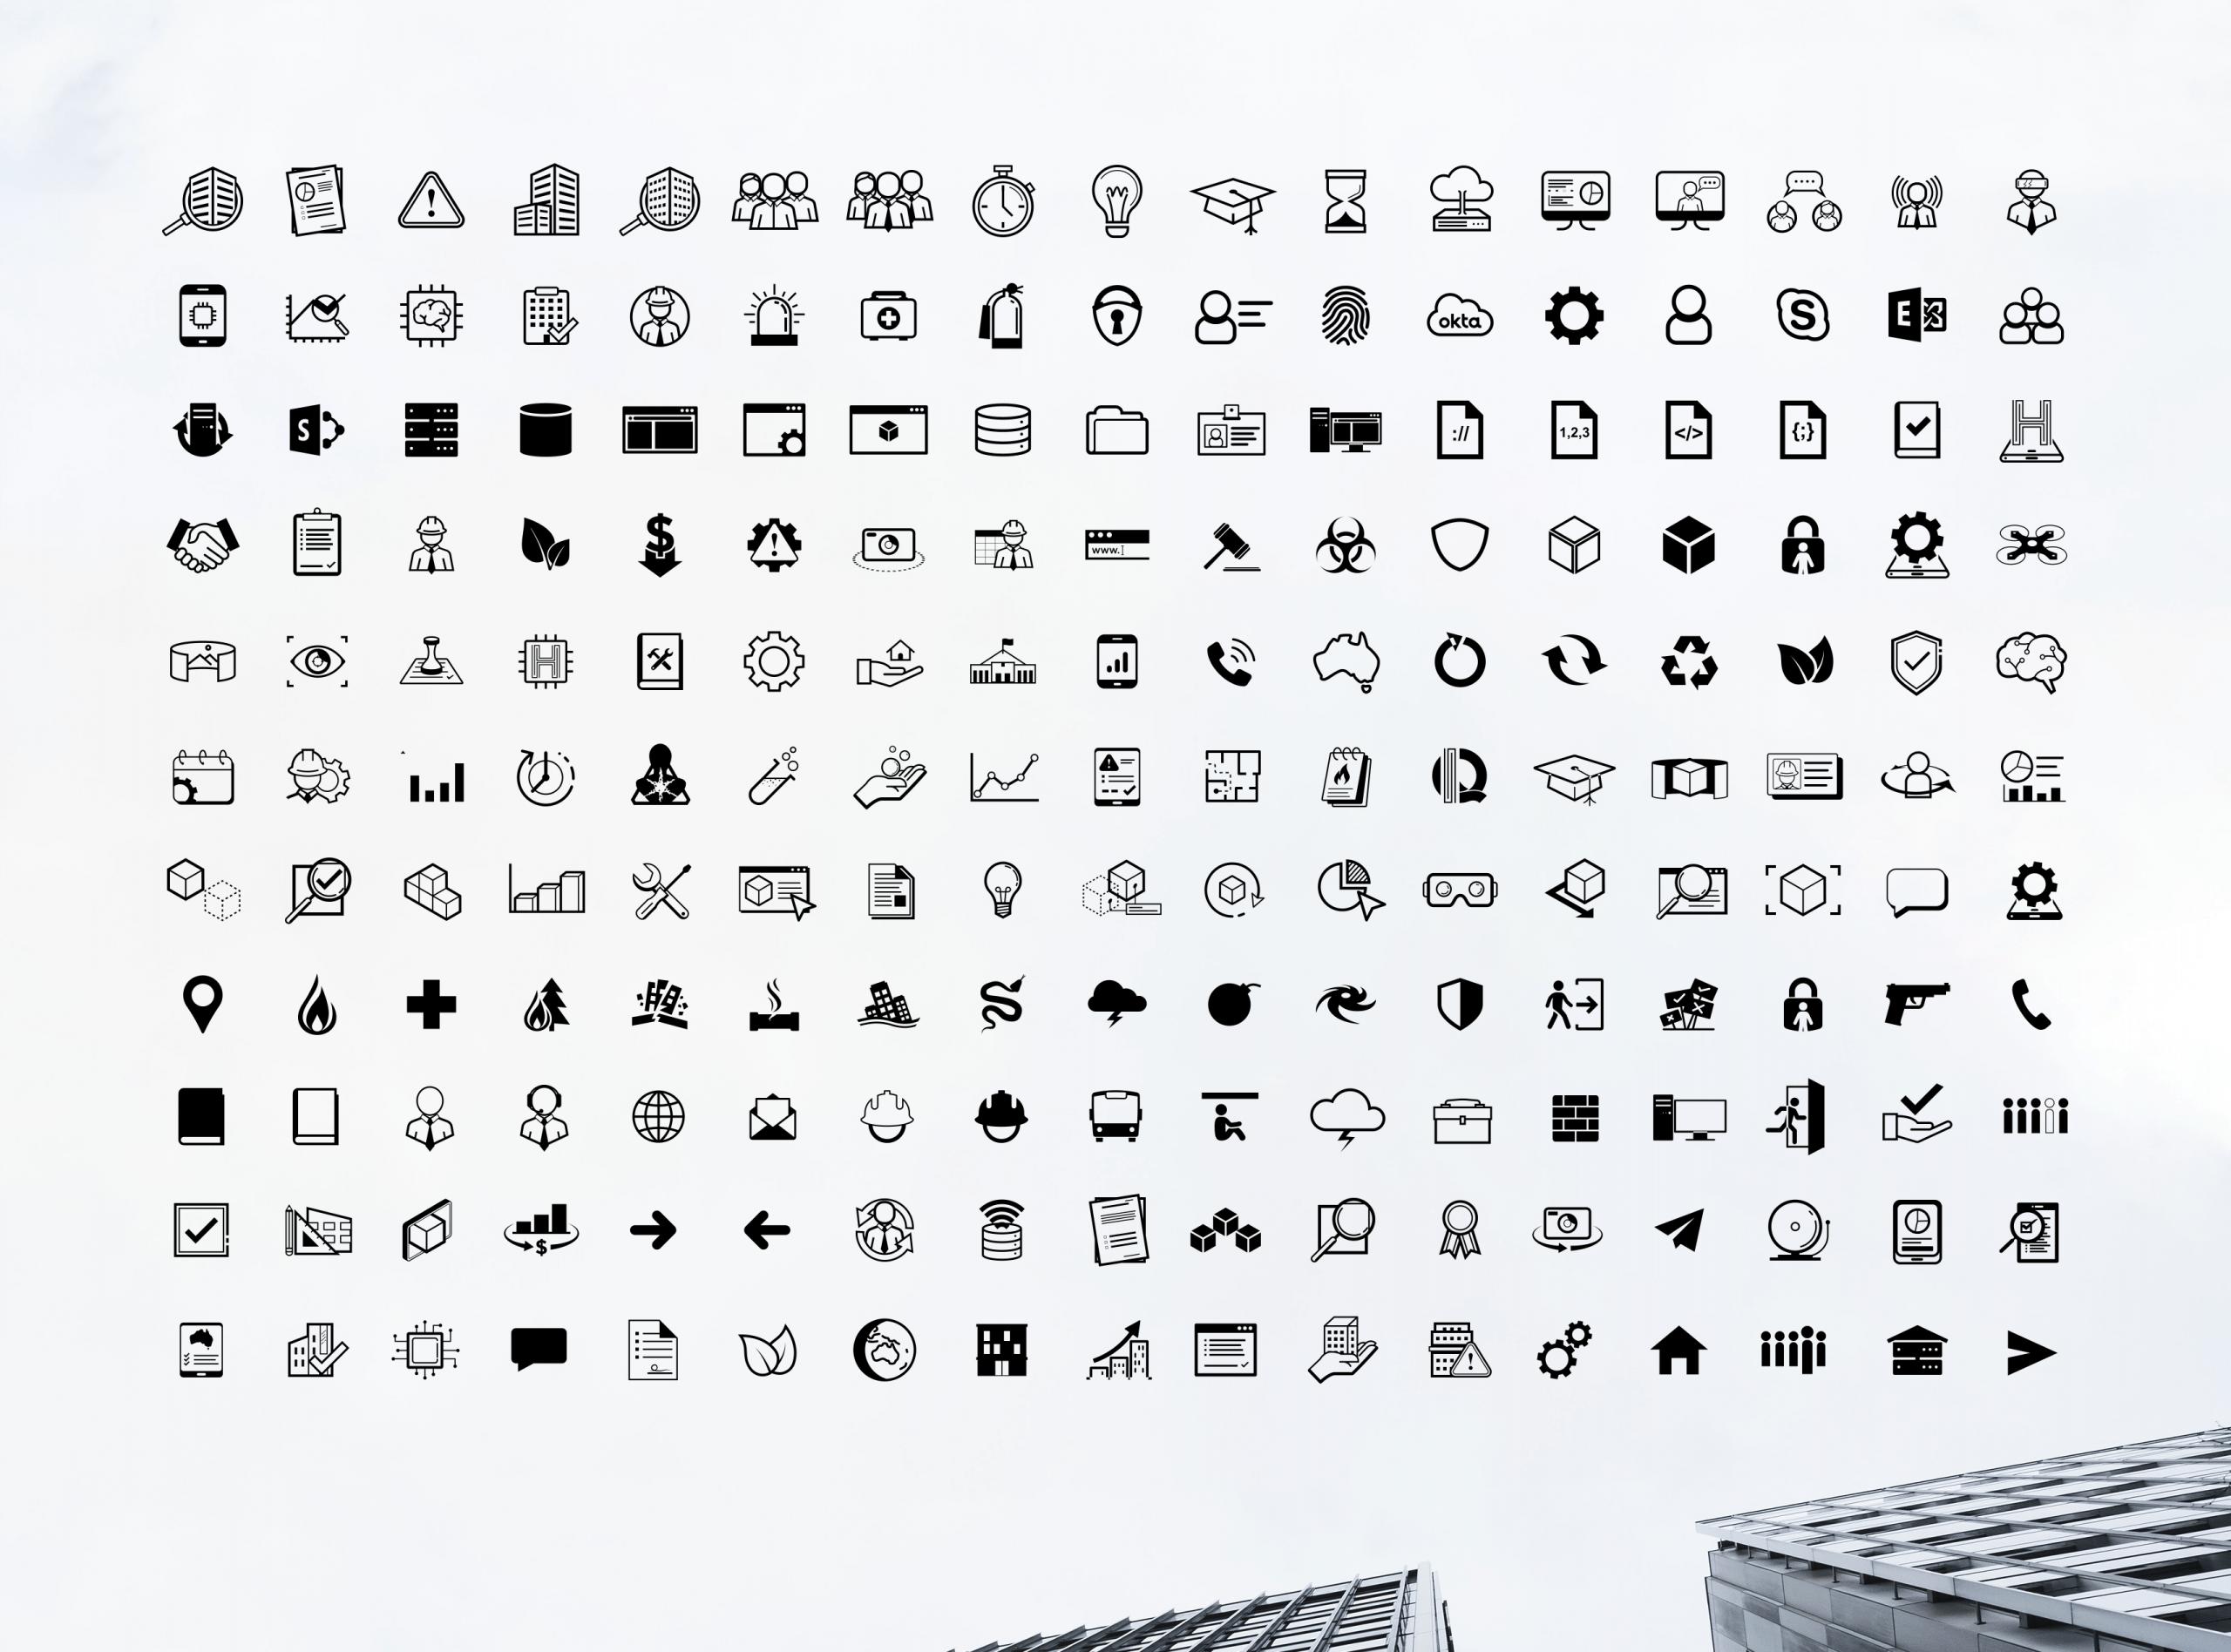 Hendry icons